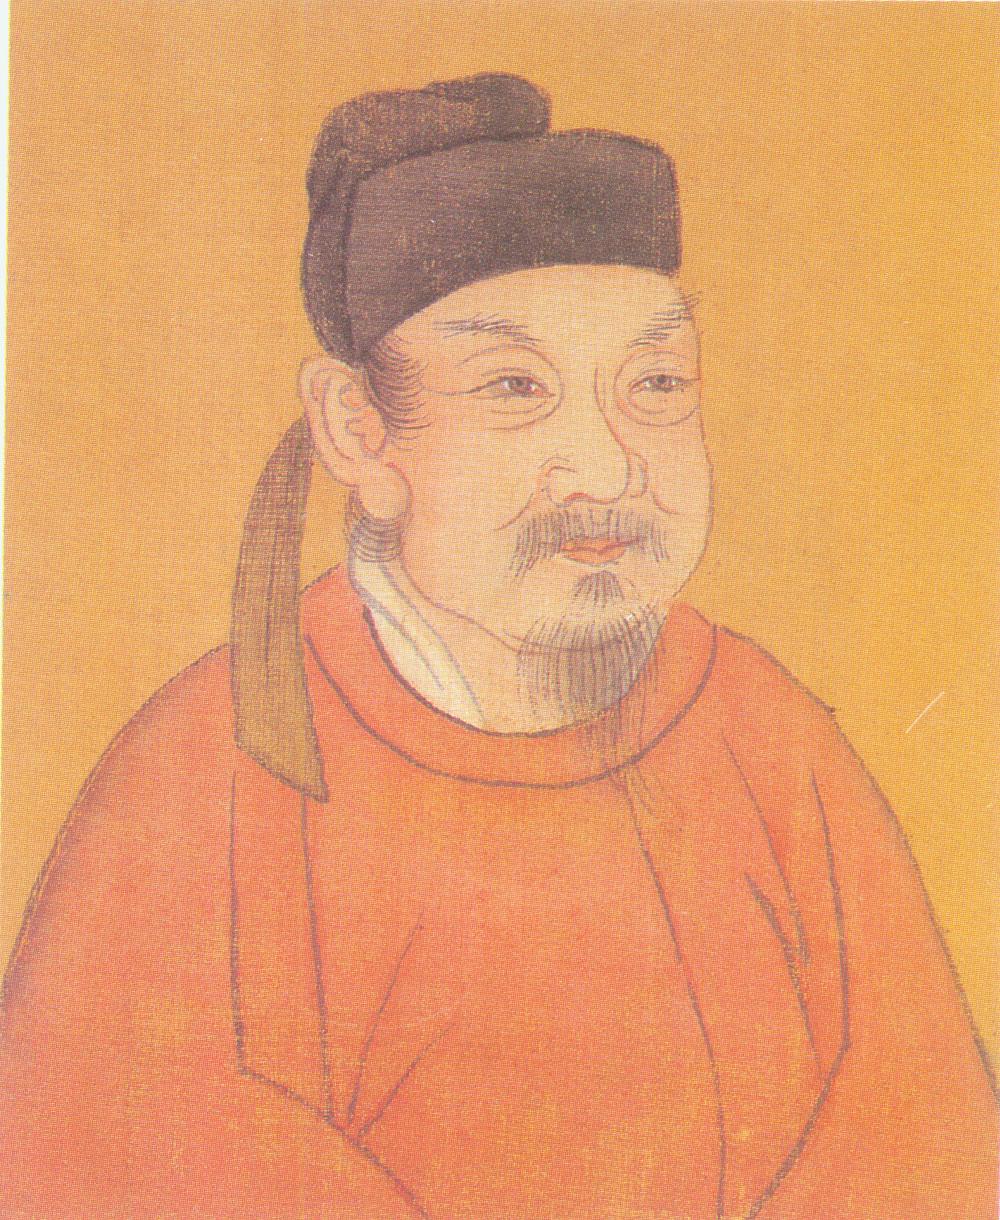 唐朝文學家柳宗元